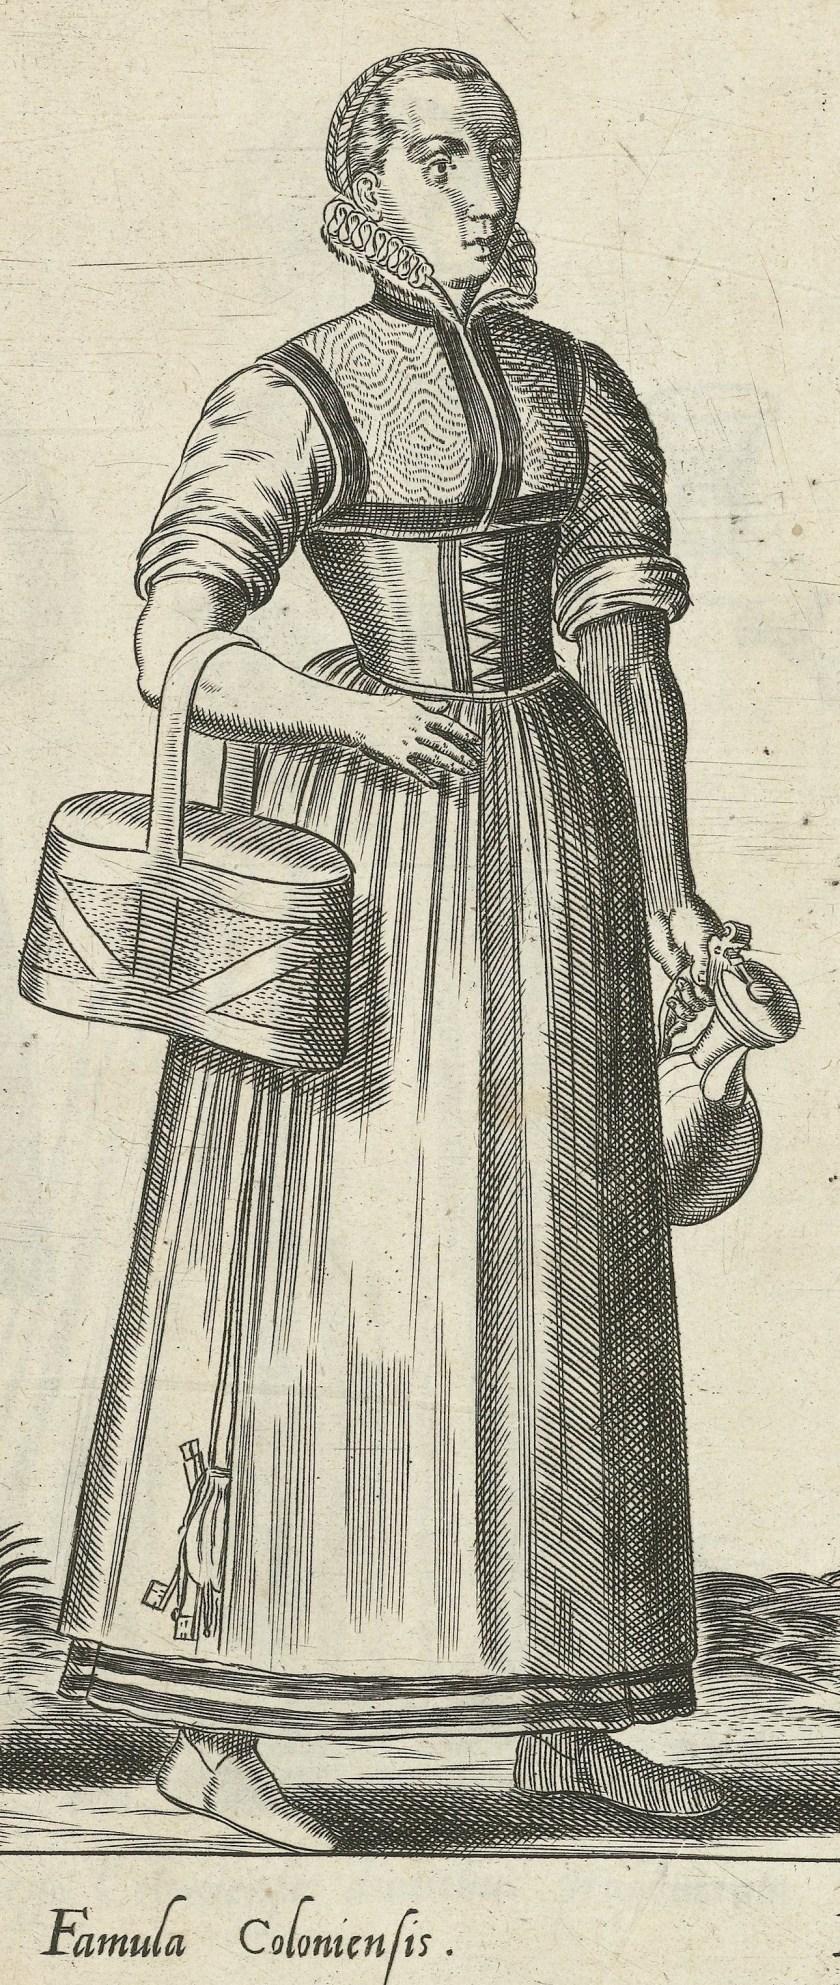 1581 Cologne, maid. Fig. 3, page 11, Omnium pene Europae, Asiae, Aphricae, Americae gentium habitus [...] de Bruyn. Rijsmuseum BI-1895-3811